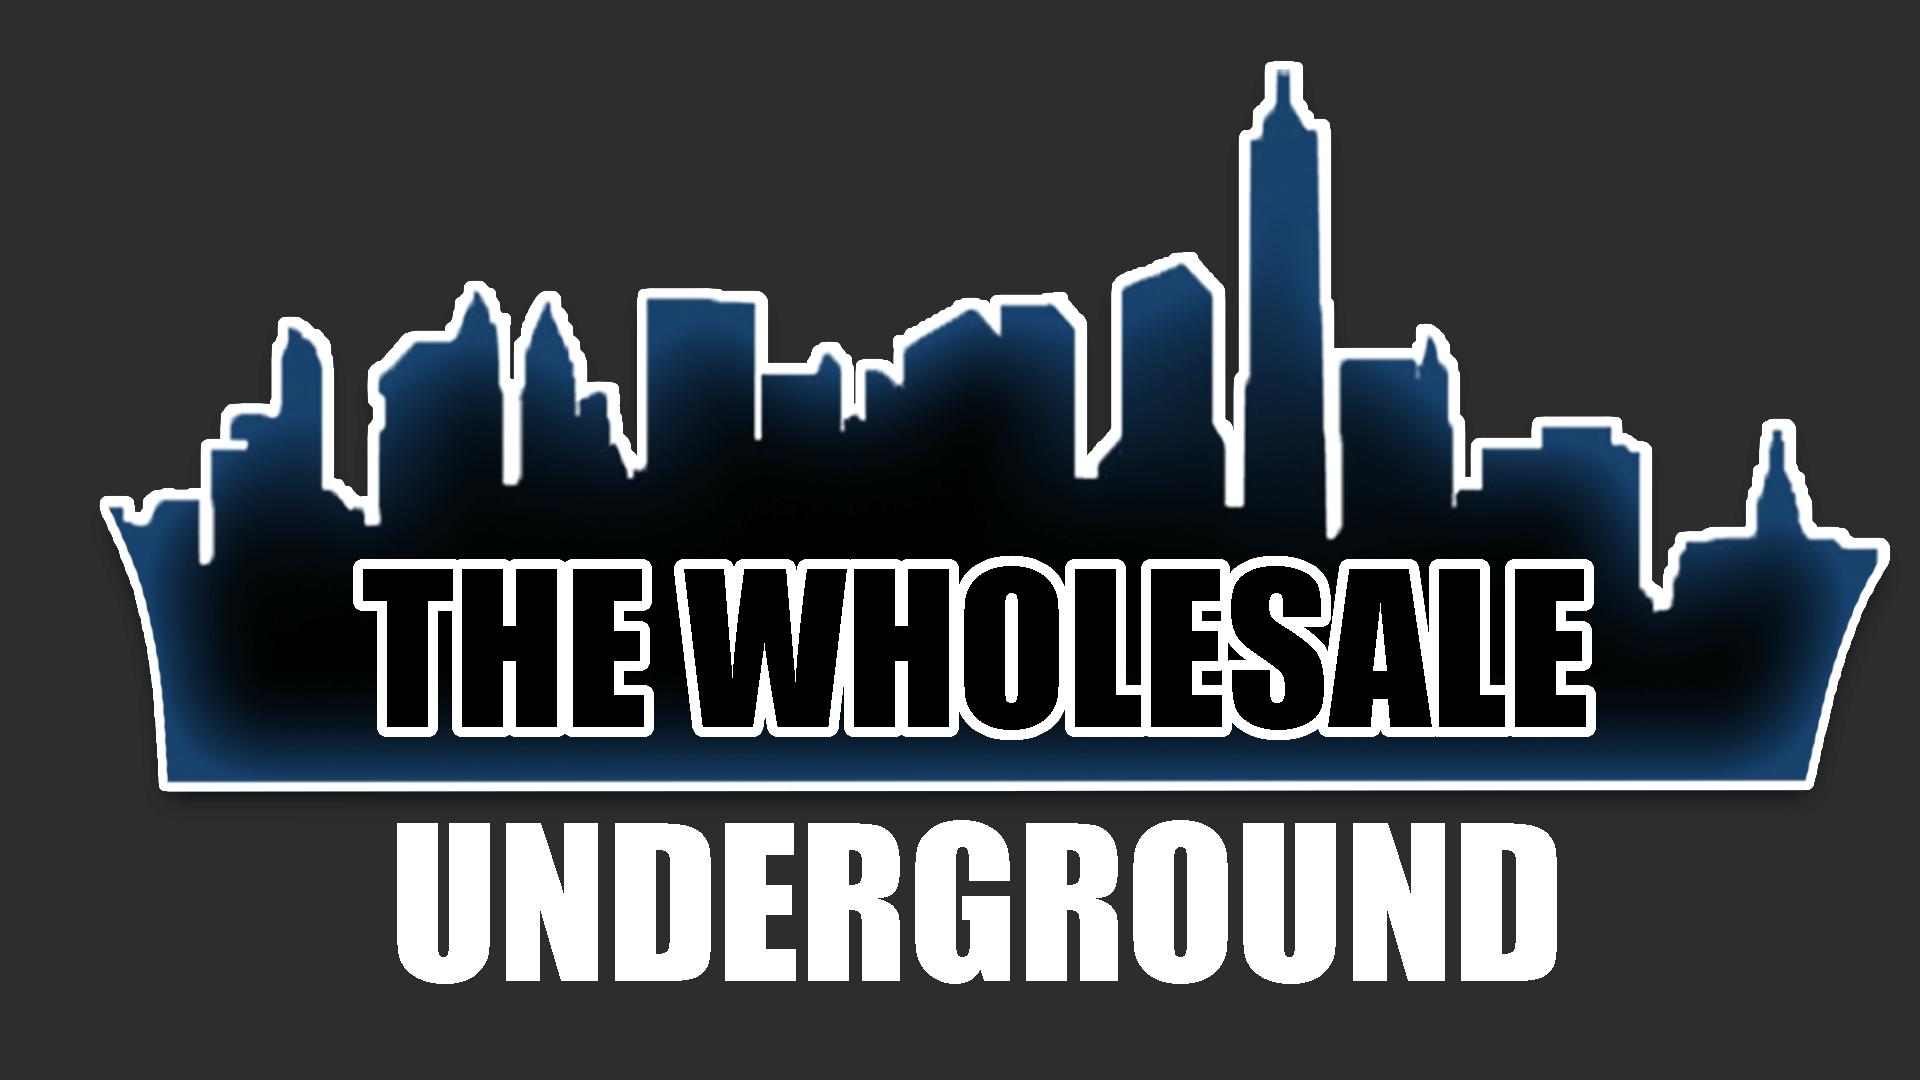 教您在亚马逊如何开始,增长,和规模化你自己的批发业务,从0美元到1万美元的销售额就这么简单!(The Wholesale Underground)